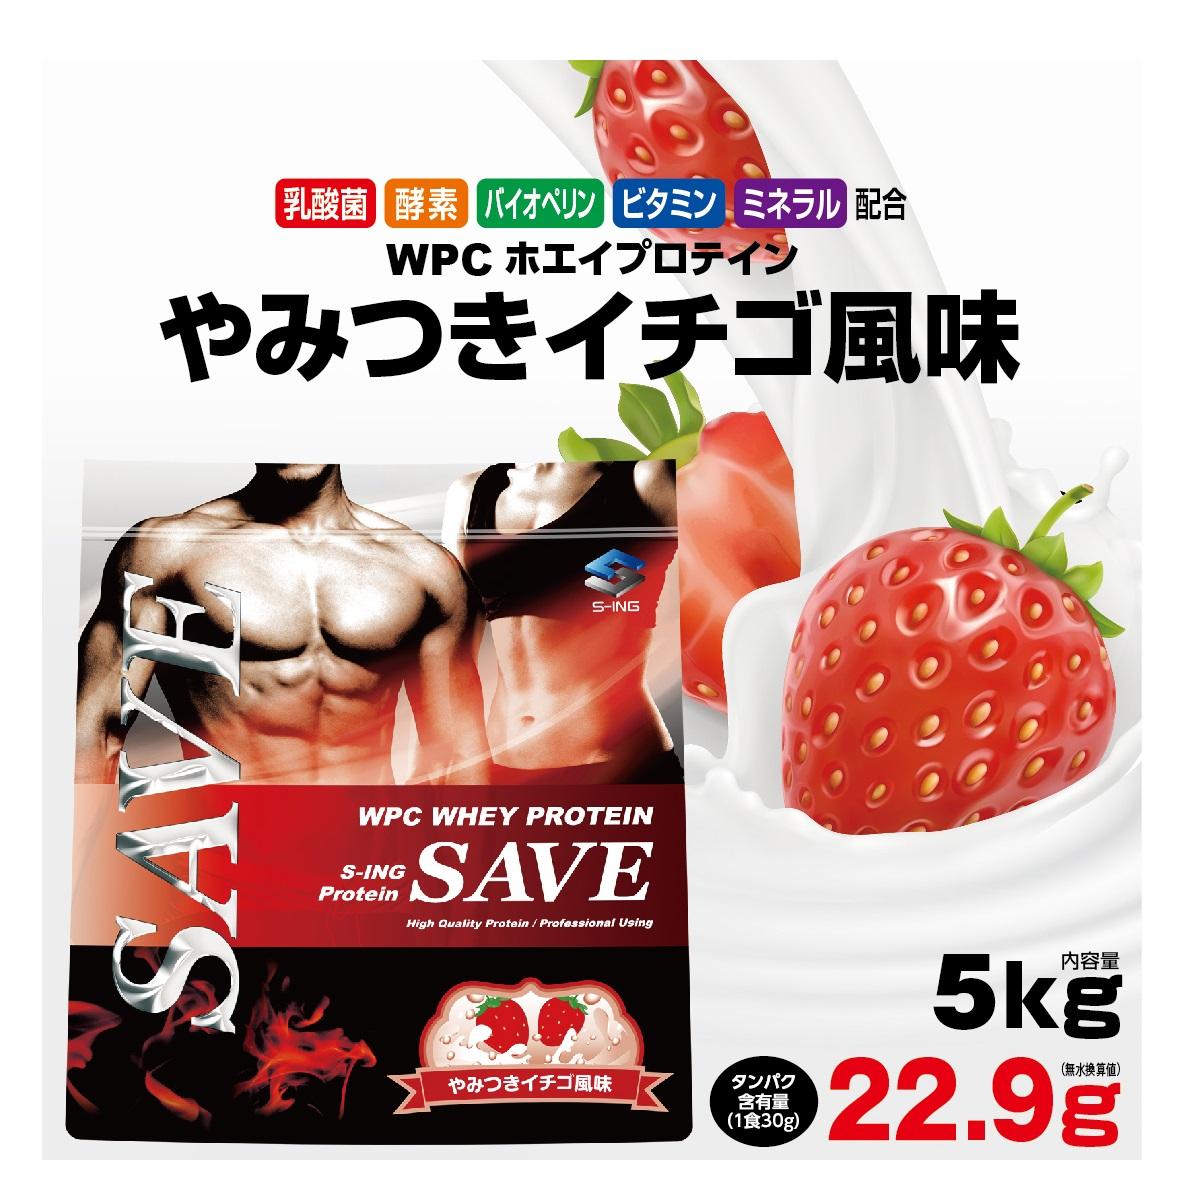 激安 ホエイプロテイン 5kg 【送料無料】 SAVE プロテイン やみつきイチゴ風味 WPC ストロベリー 乳酸菌・バイオペリン・エンザミン酵素配合